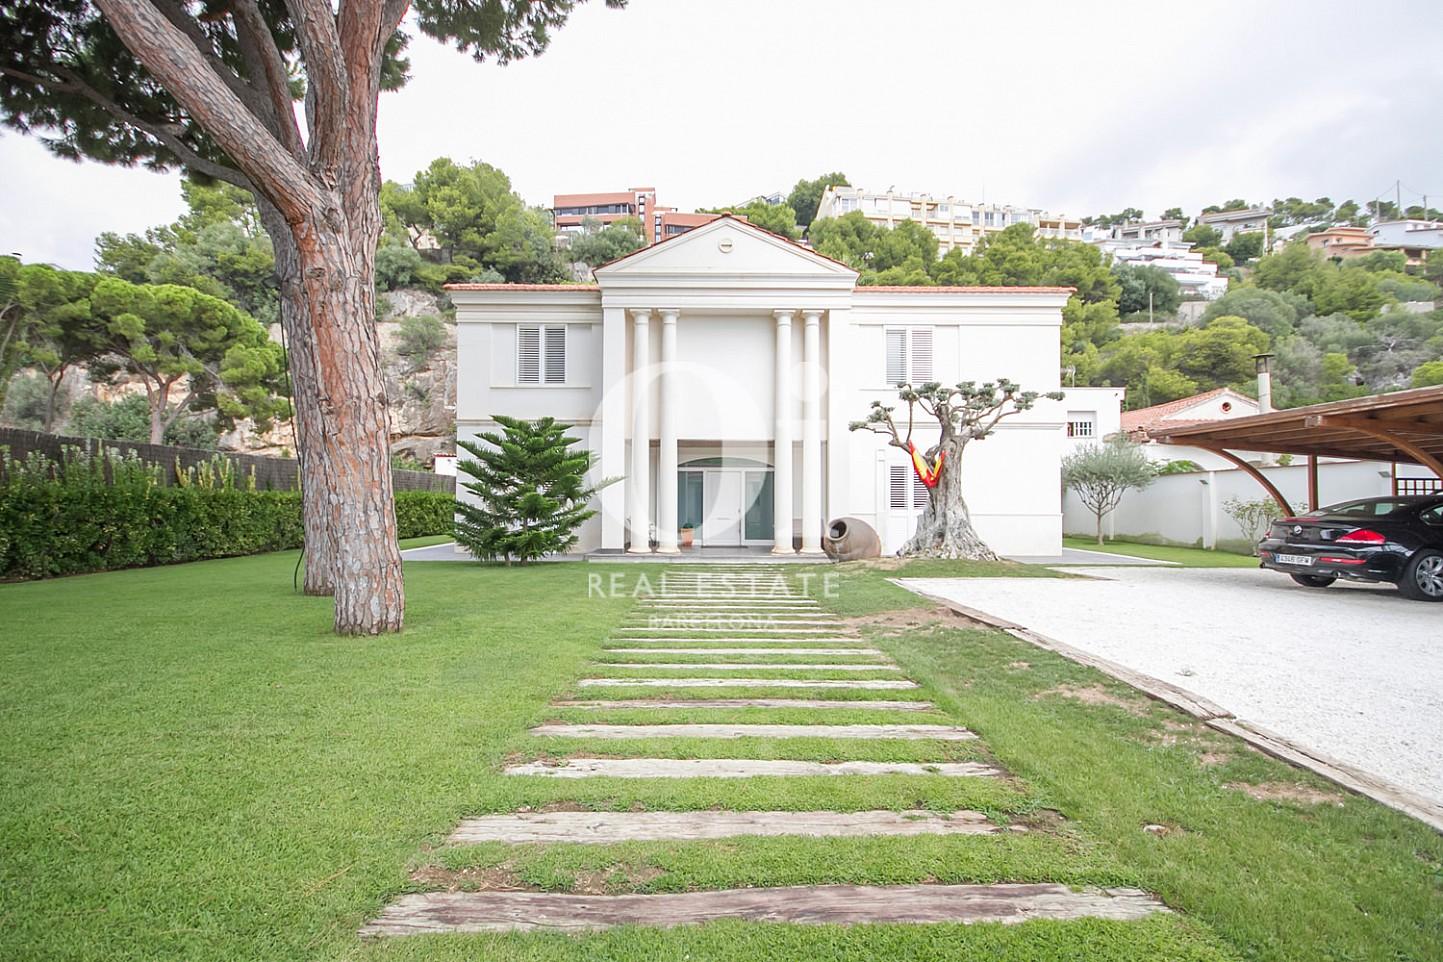 Vistes exteriors de la casa amb un gran jardí